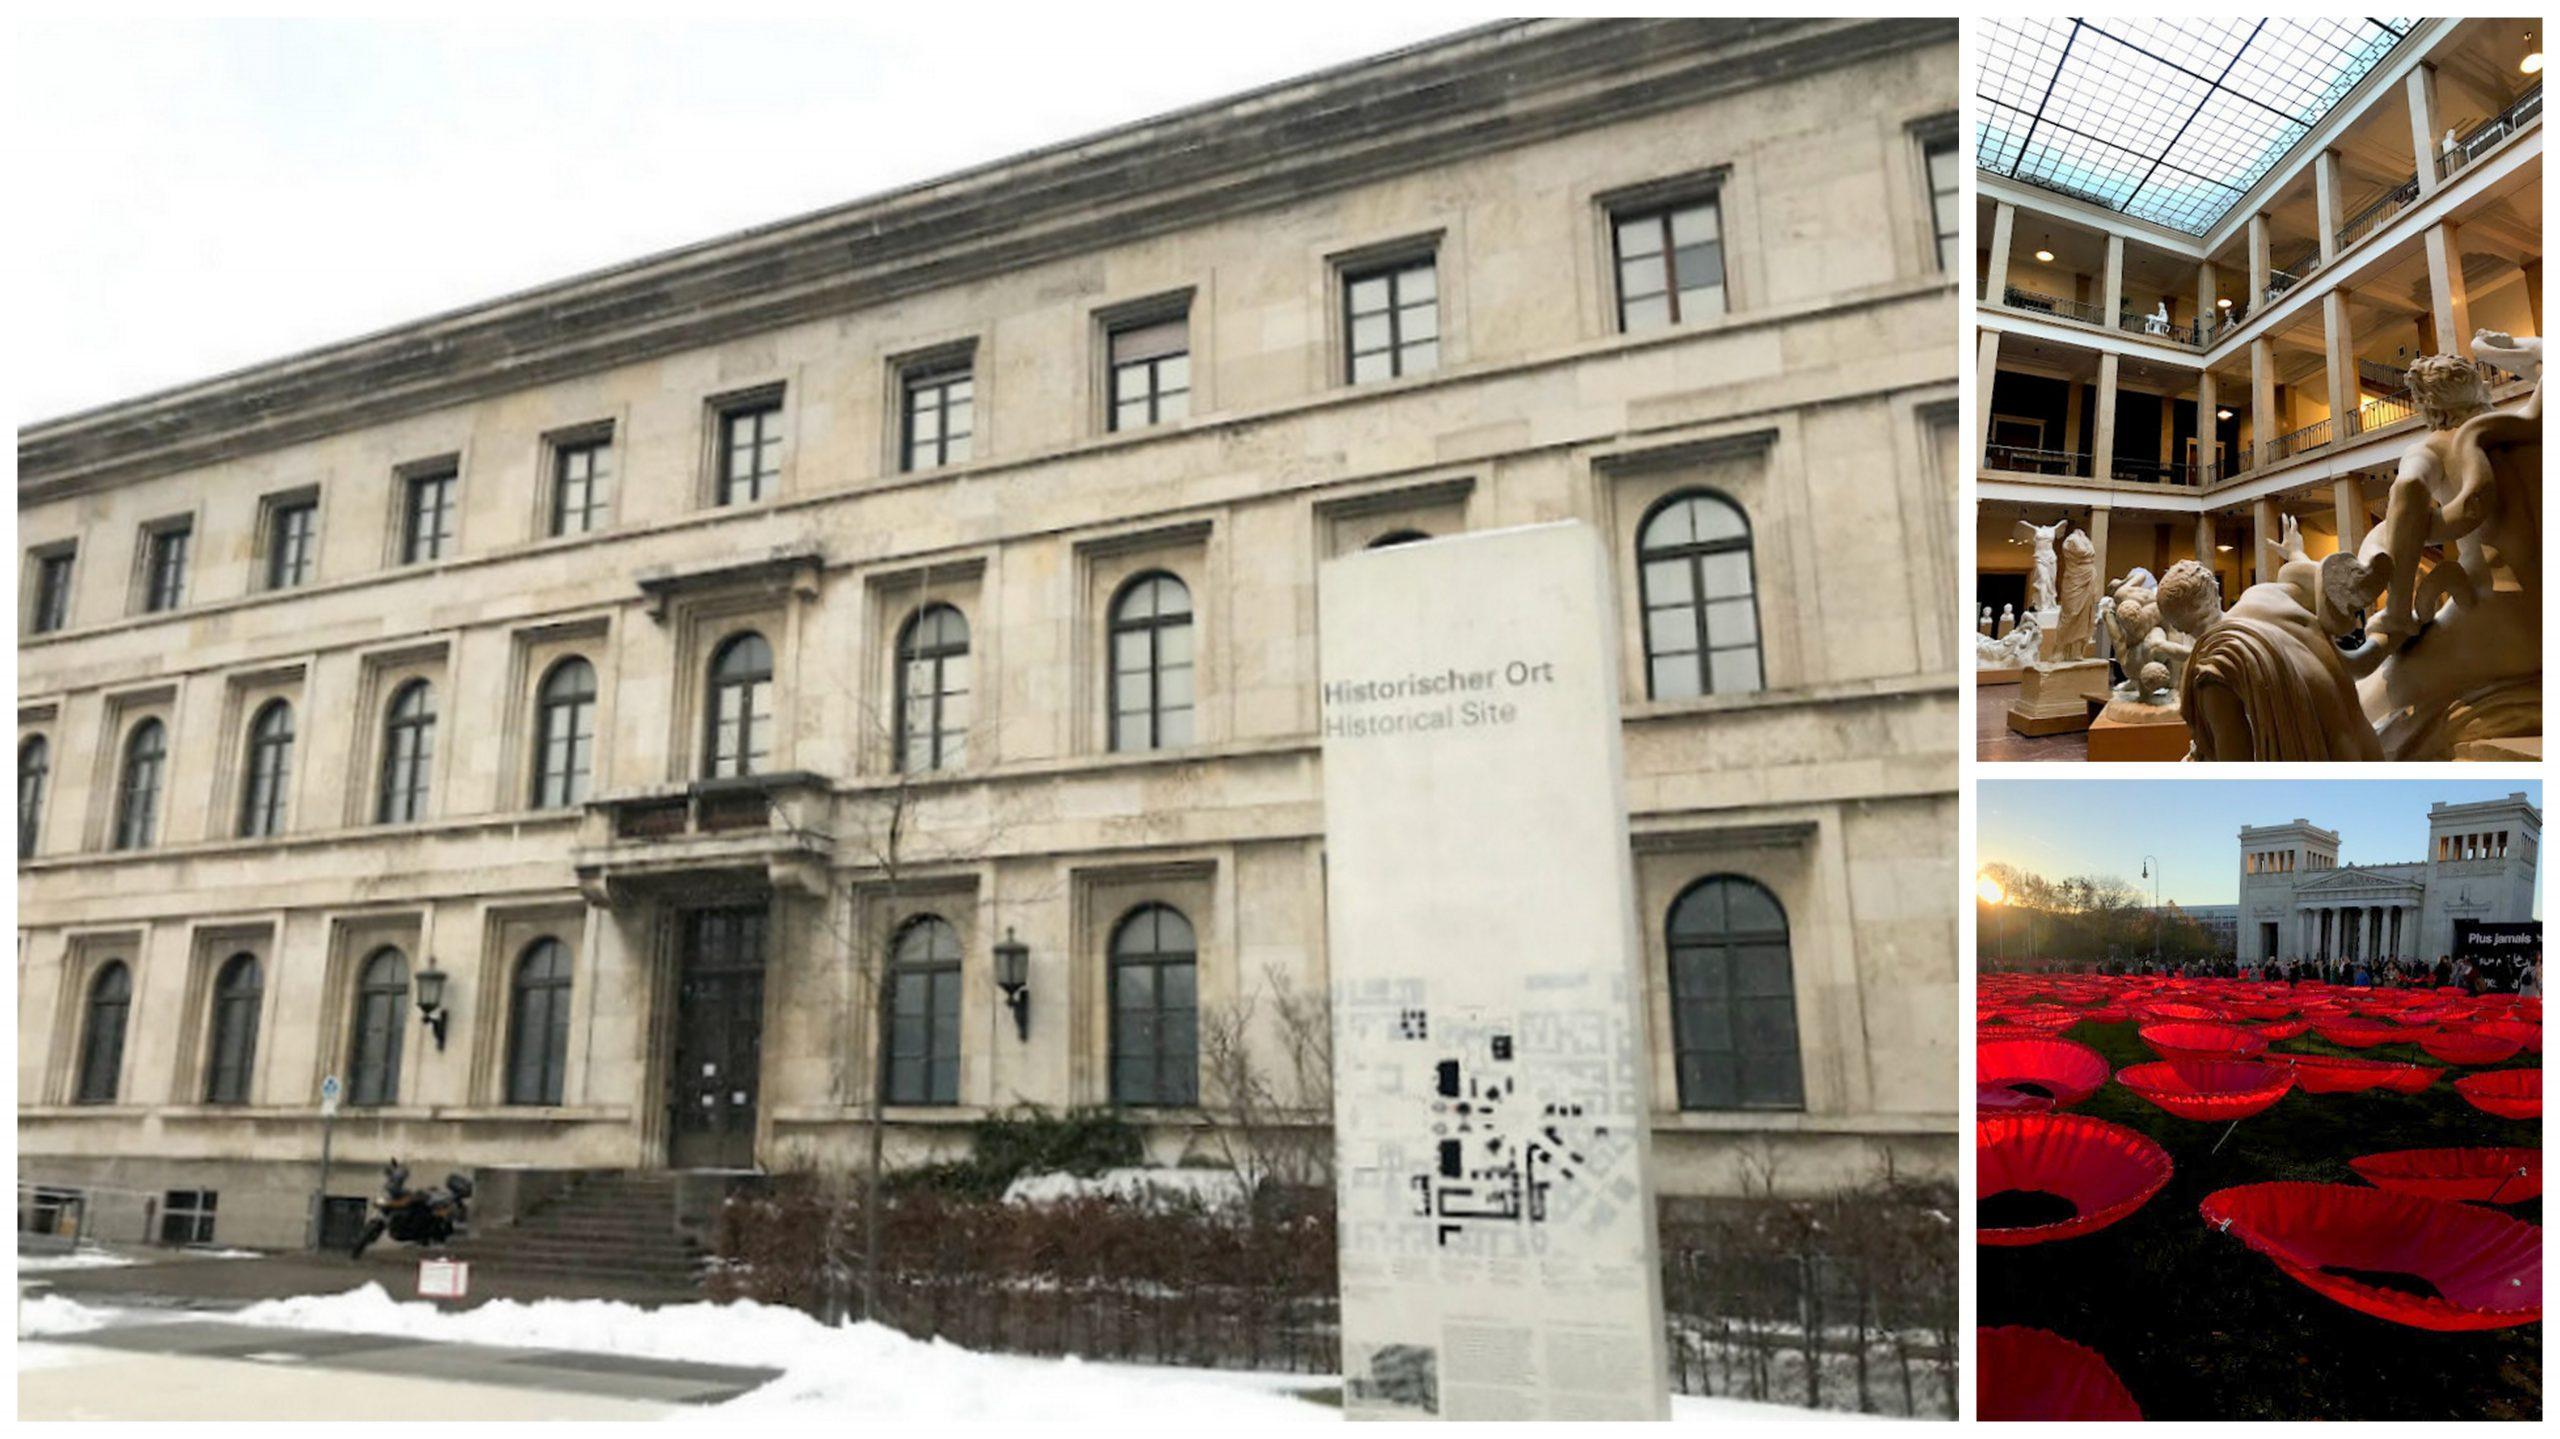 Prédios localizados nas imediações da Königsplatz, onde ficava o quartel general do nazismo em Munique